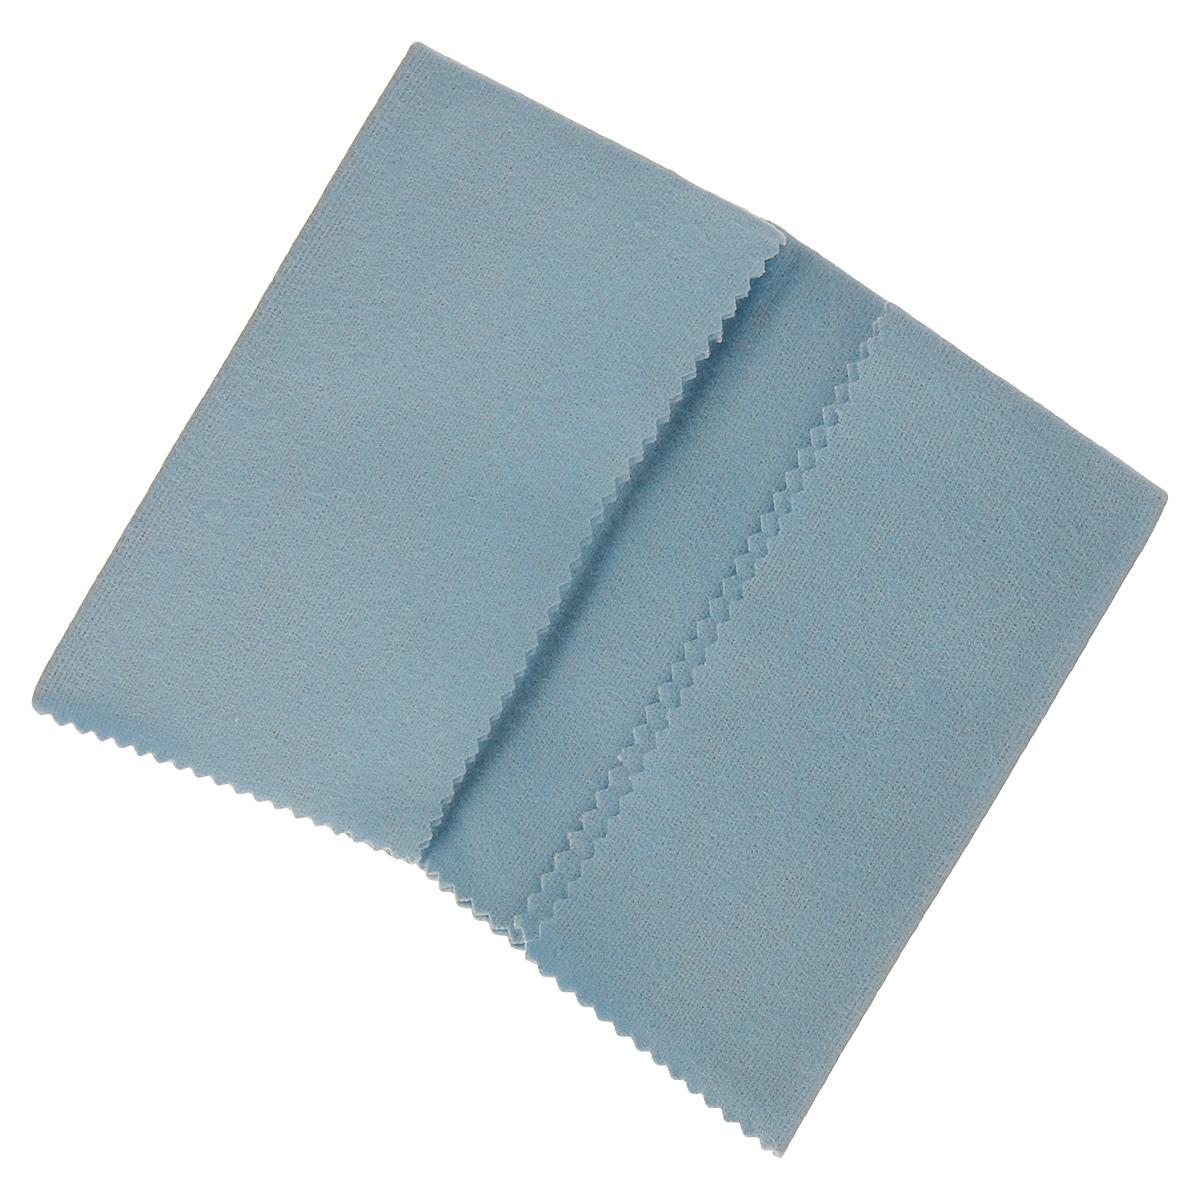 Салфетка для чистки и полировки Centralin, цвет: голубой, 31 х 23 см508008 голубойТекстильная салфетка Centralin предназначена для чистки и полировки серебряных и золотых изделий. Салфетку можно использовать по нескольку раз. Также возможно применение и для чистки изделий из нержавеющей стали. Размер: 31 см х 23 см.